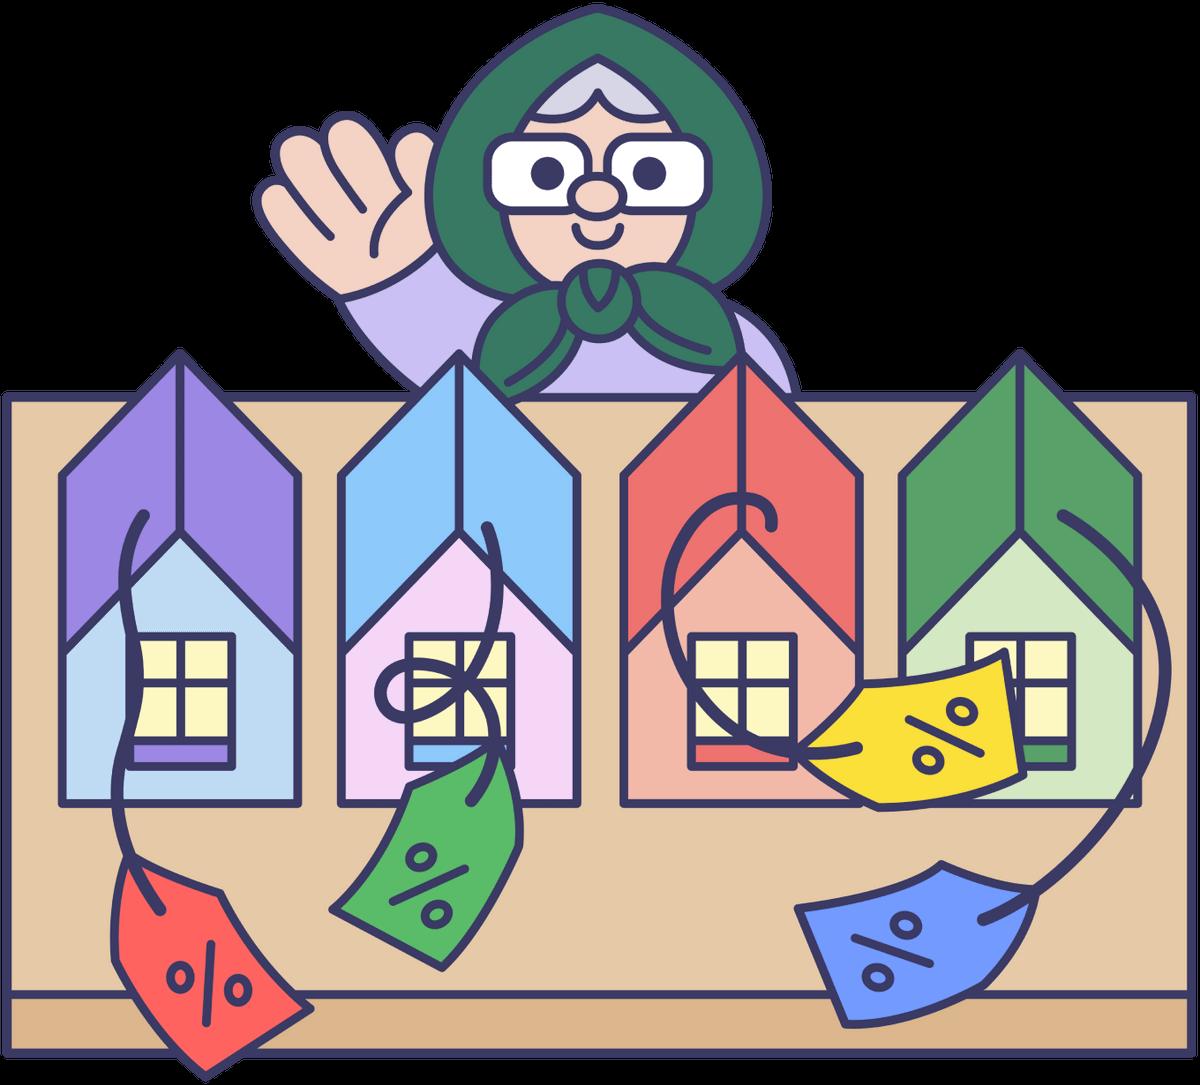 «Казалось, продают не квартиры, а картошку»: как покупали новостройки по льготной ипотеке